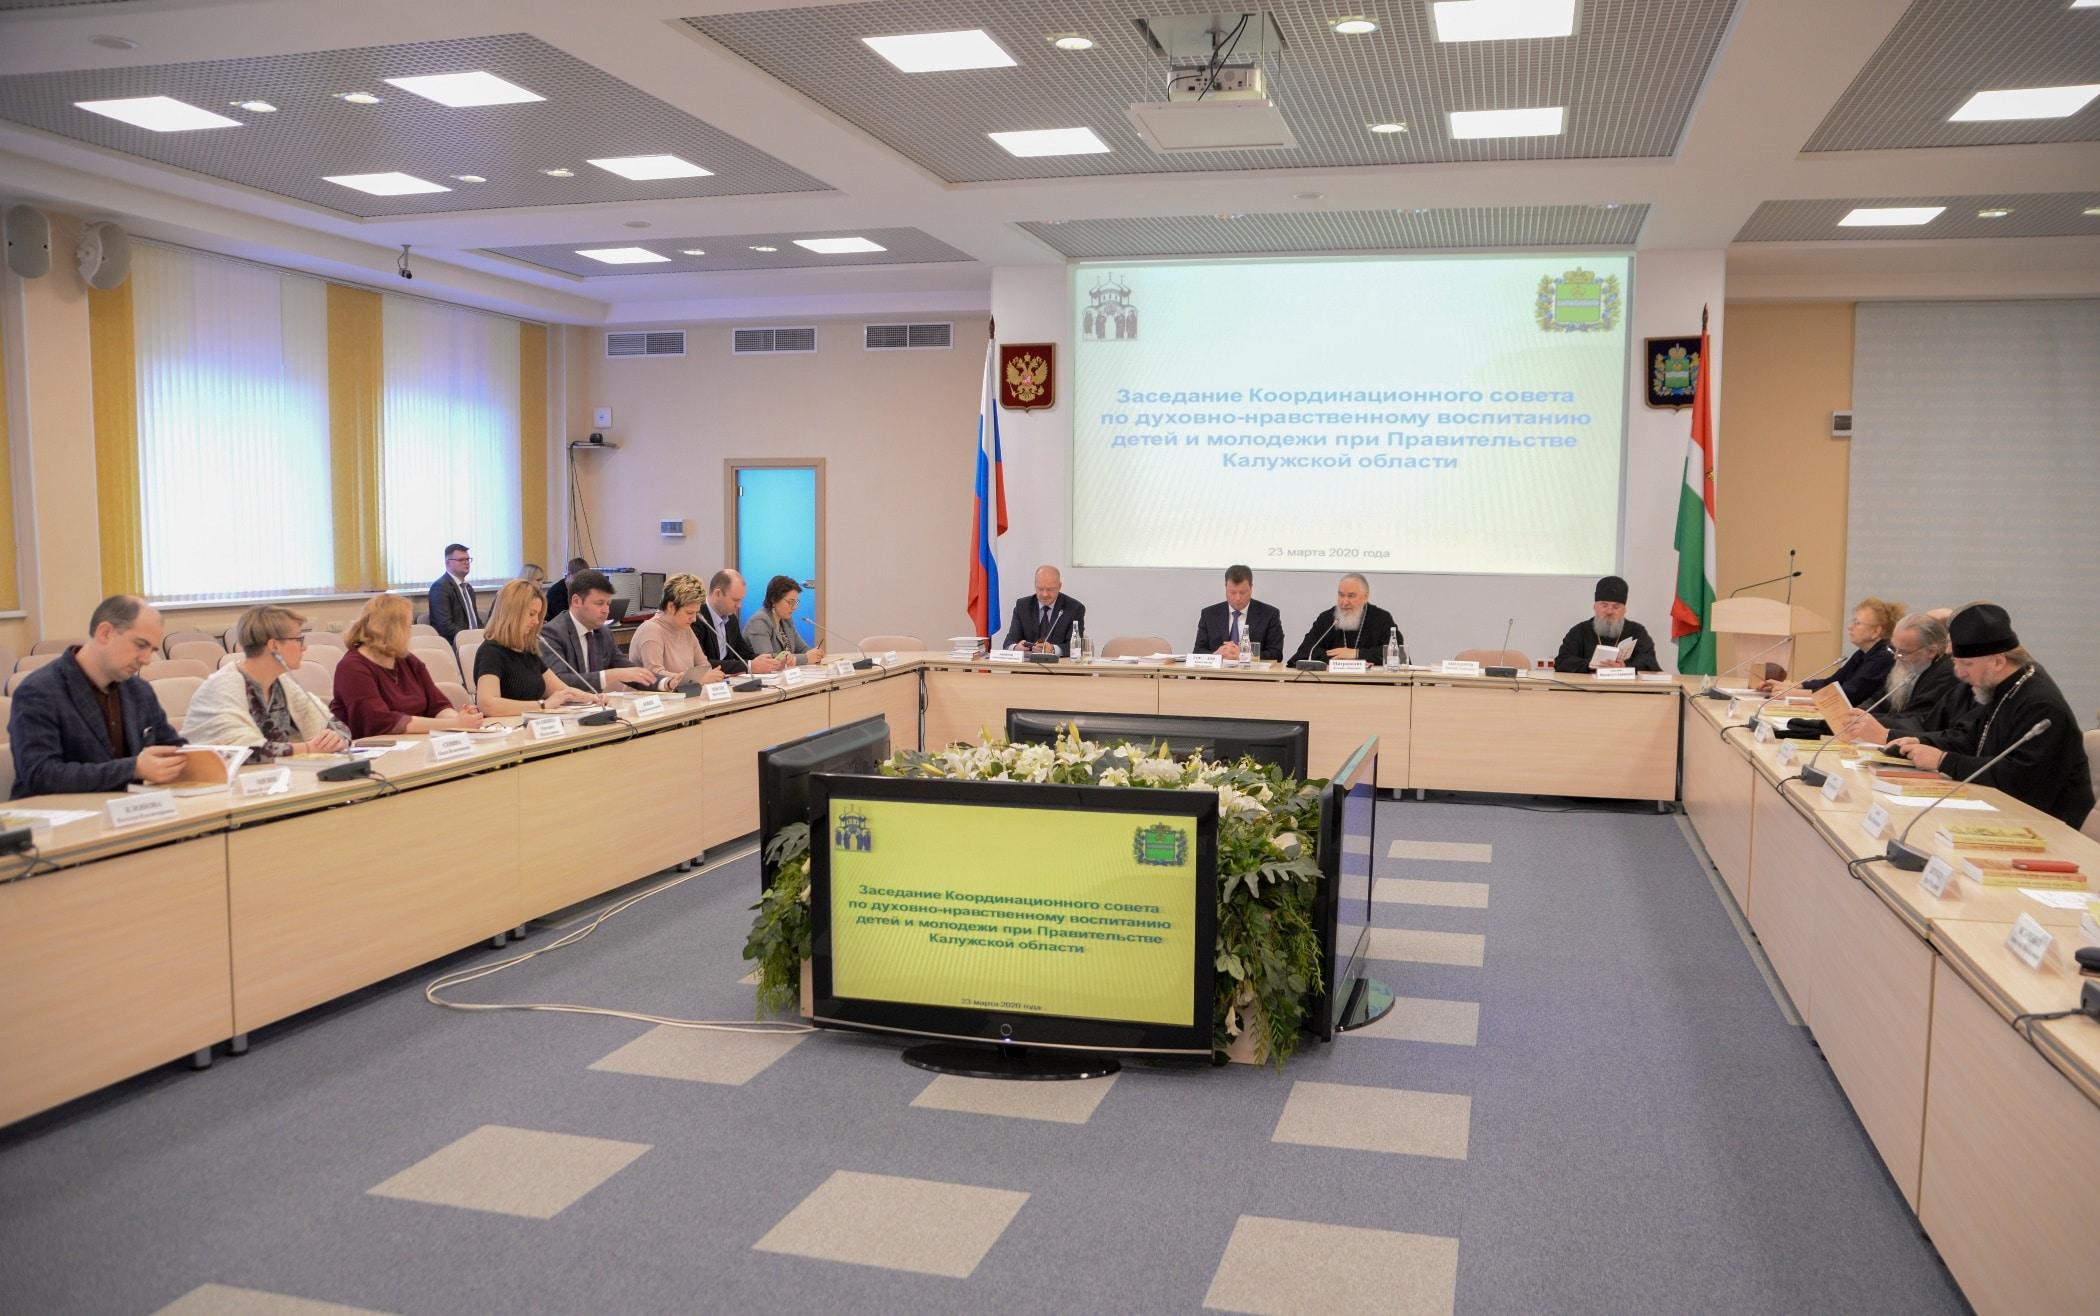 Заседание Координационного совета по духовно-нравственному воспитанию детей и молодежи прошло в Калуге